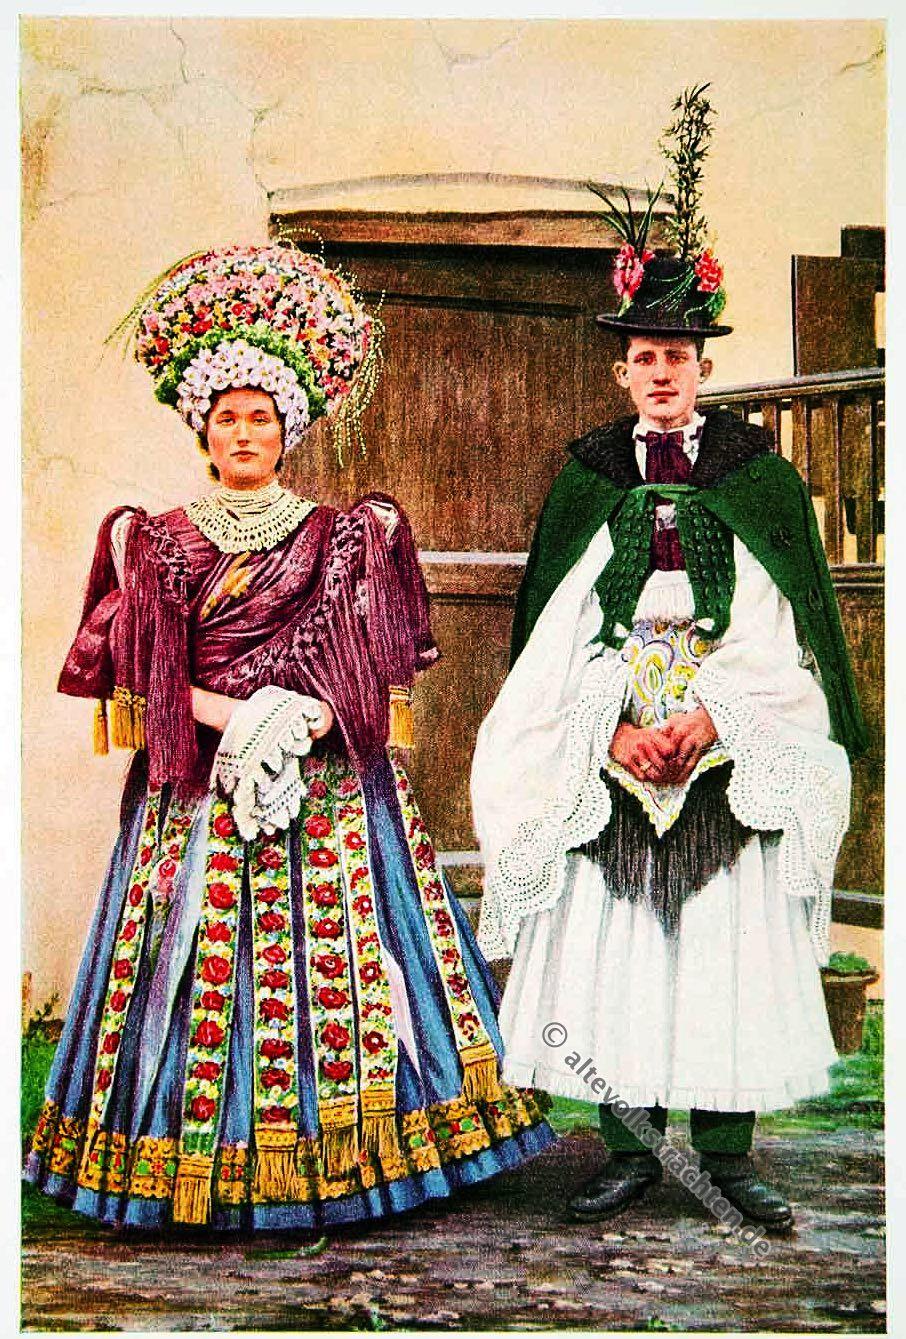 Ungarische kleidung traditionelle Kimono Unterwäsche